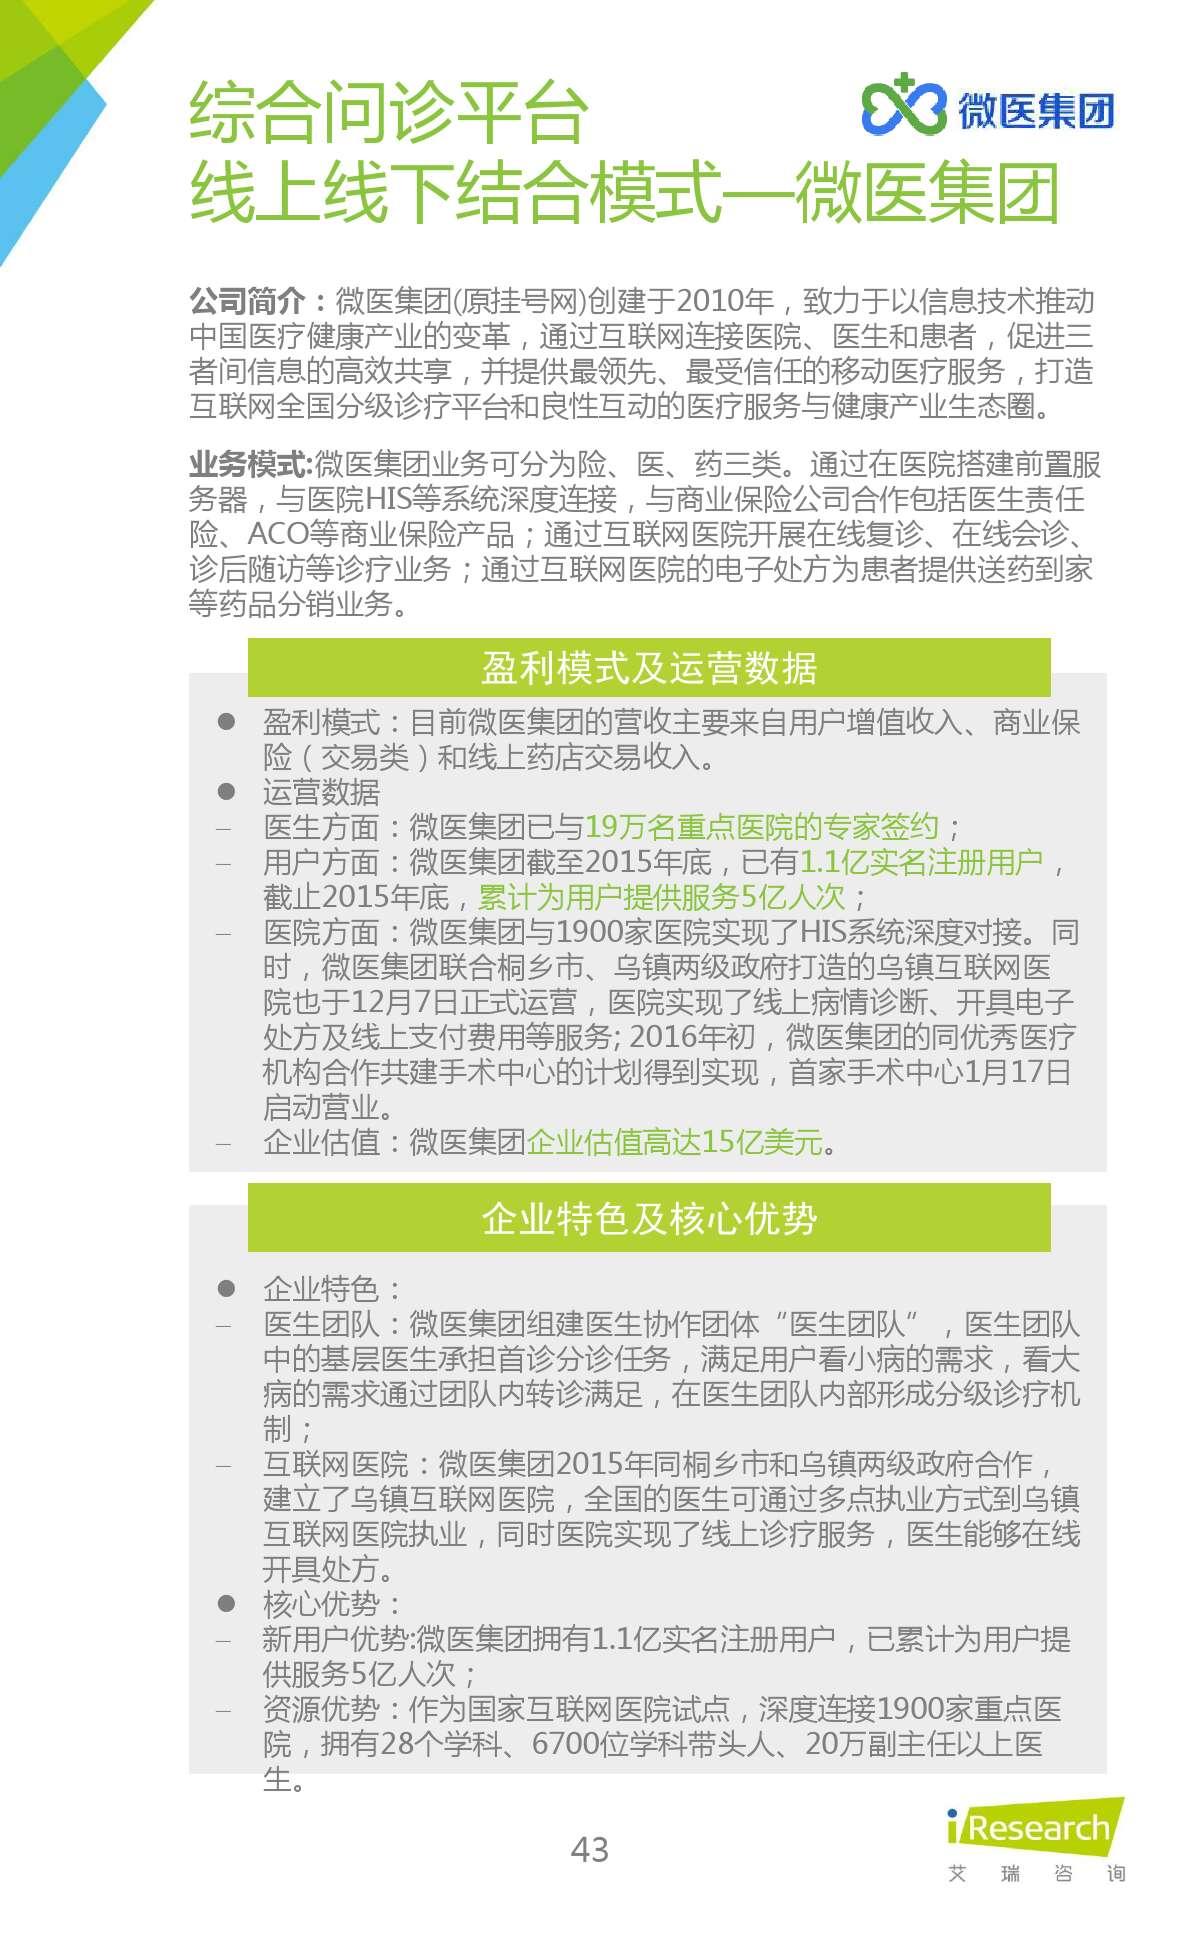 2015年中国在线问诊行业研究报告_000043